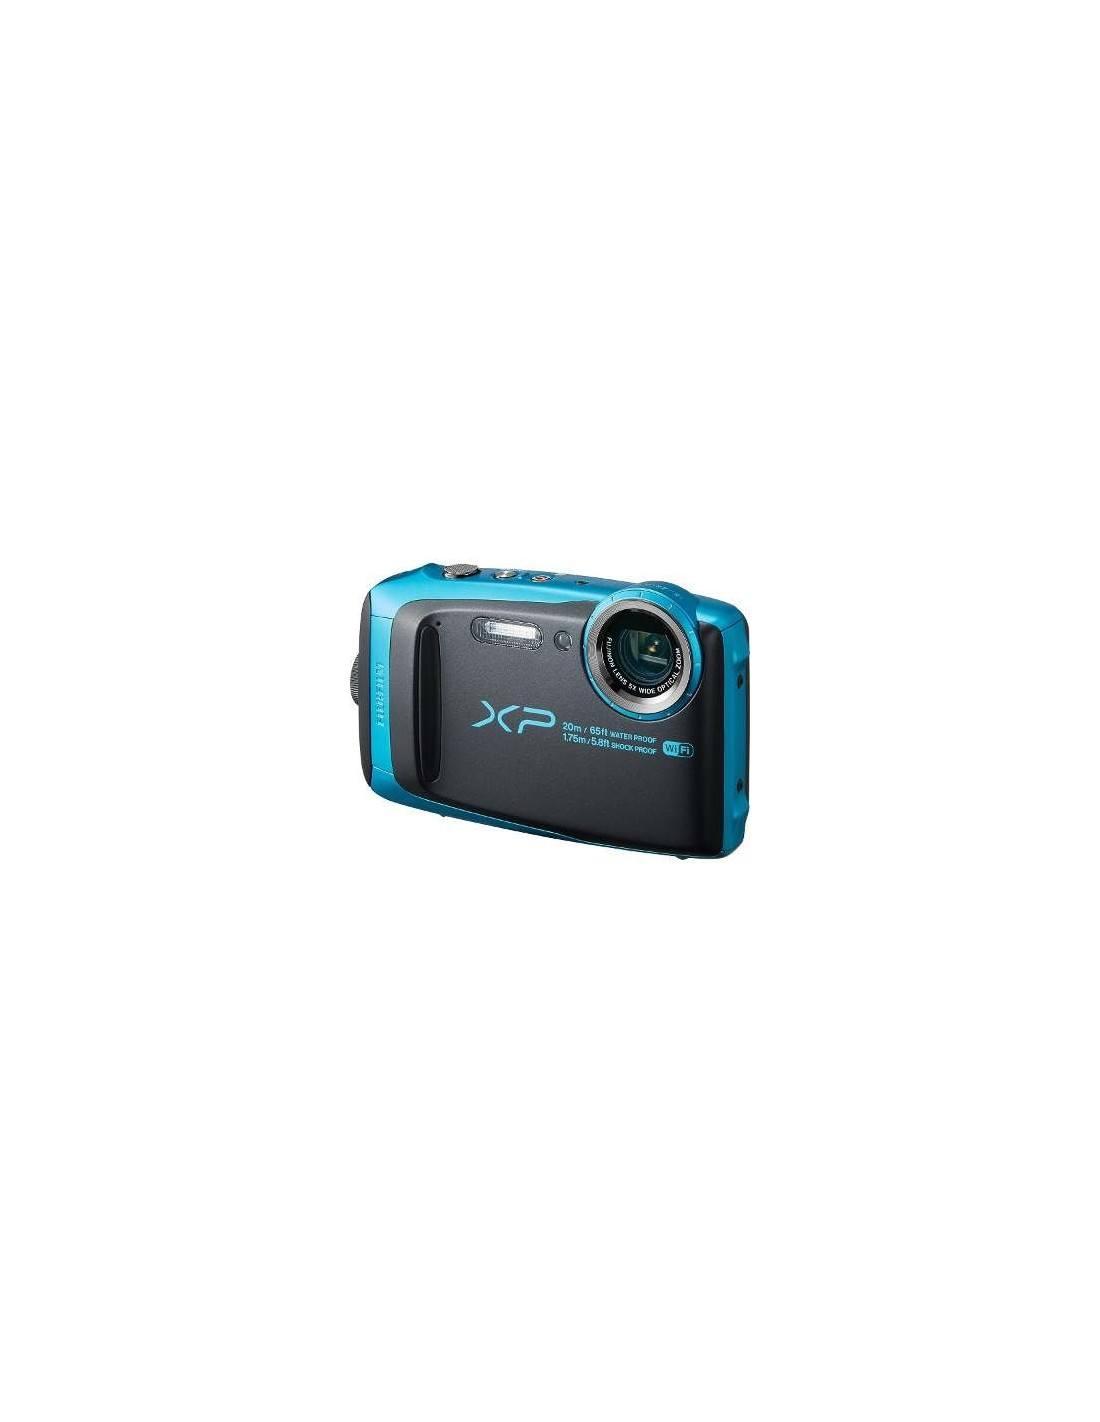 Cámara Digital Fujifilm XP120 Cielo Azul Acció Impermeable a prueba de impactos A prueba de congelación